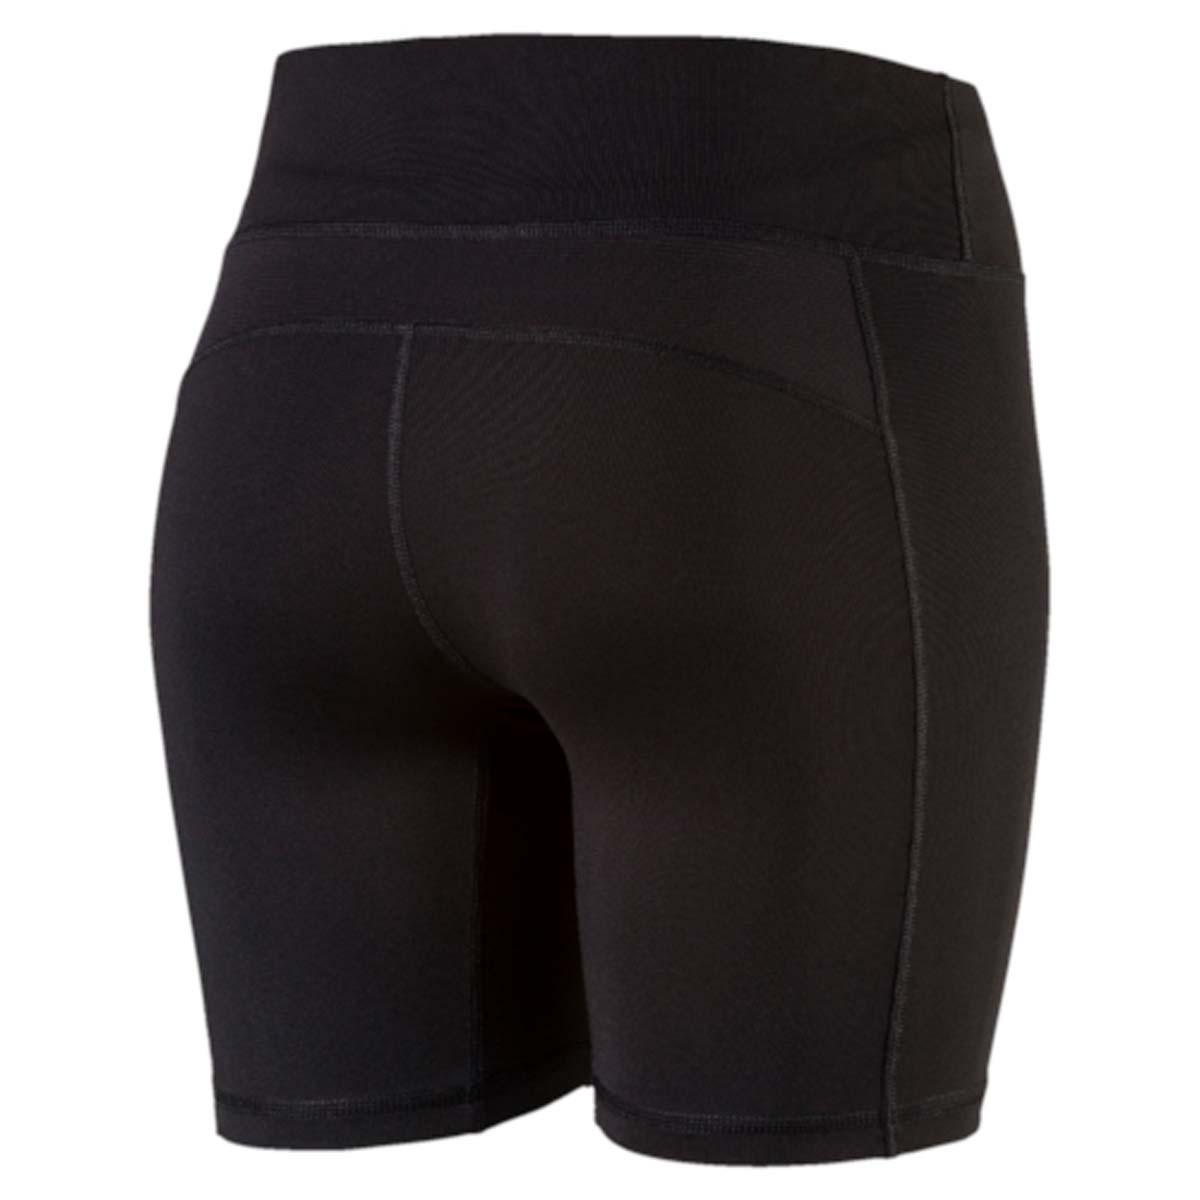 Короткие женские тайтсы Core-Run Short Tight W прекрасно подходят для самых интенсивных тренировок. Модель выполнена из полиэстера с добавлением эластана и влагоотводящей пропиткой на основе биотехнологий. По внешнему виду тайтсы практически не отличаются от леггинсов, однако такая модель одежды лучше впитывает влагу, обеспечивает воздухообмен, поддерживает мышцы, связки и сухожилия, что очень важно во время бега.